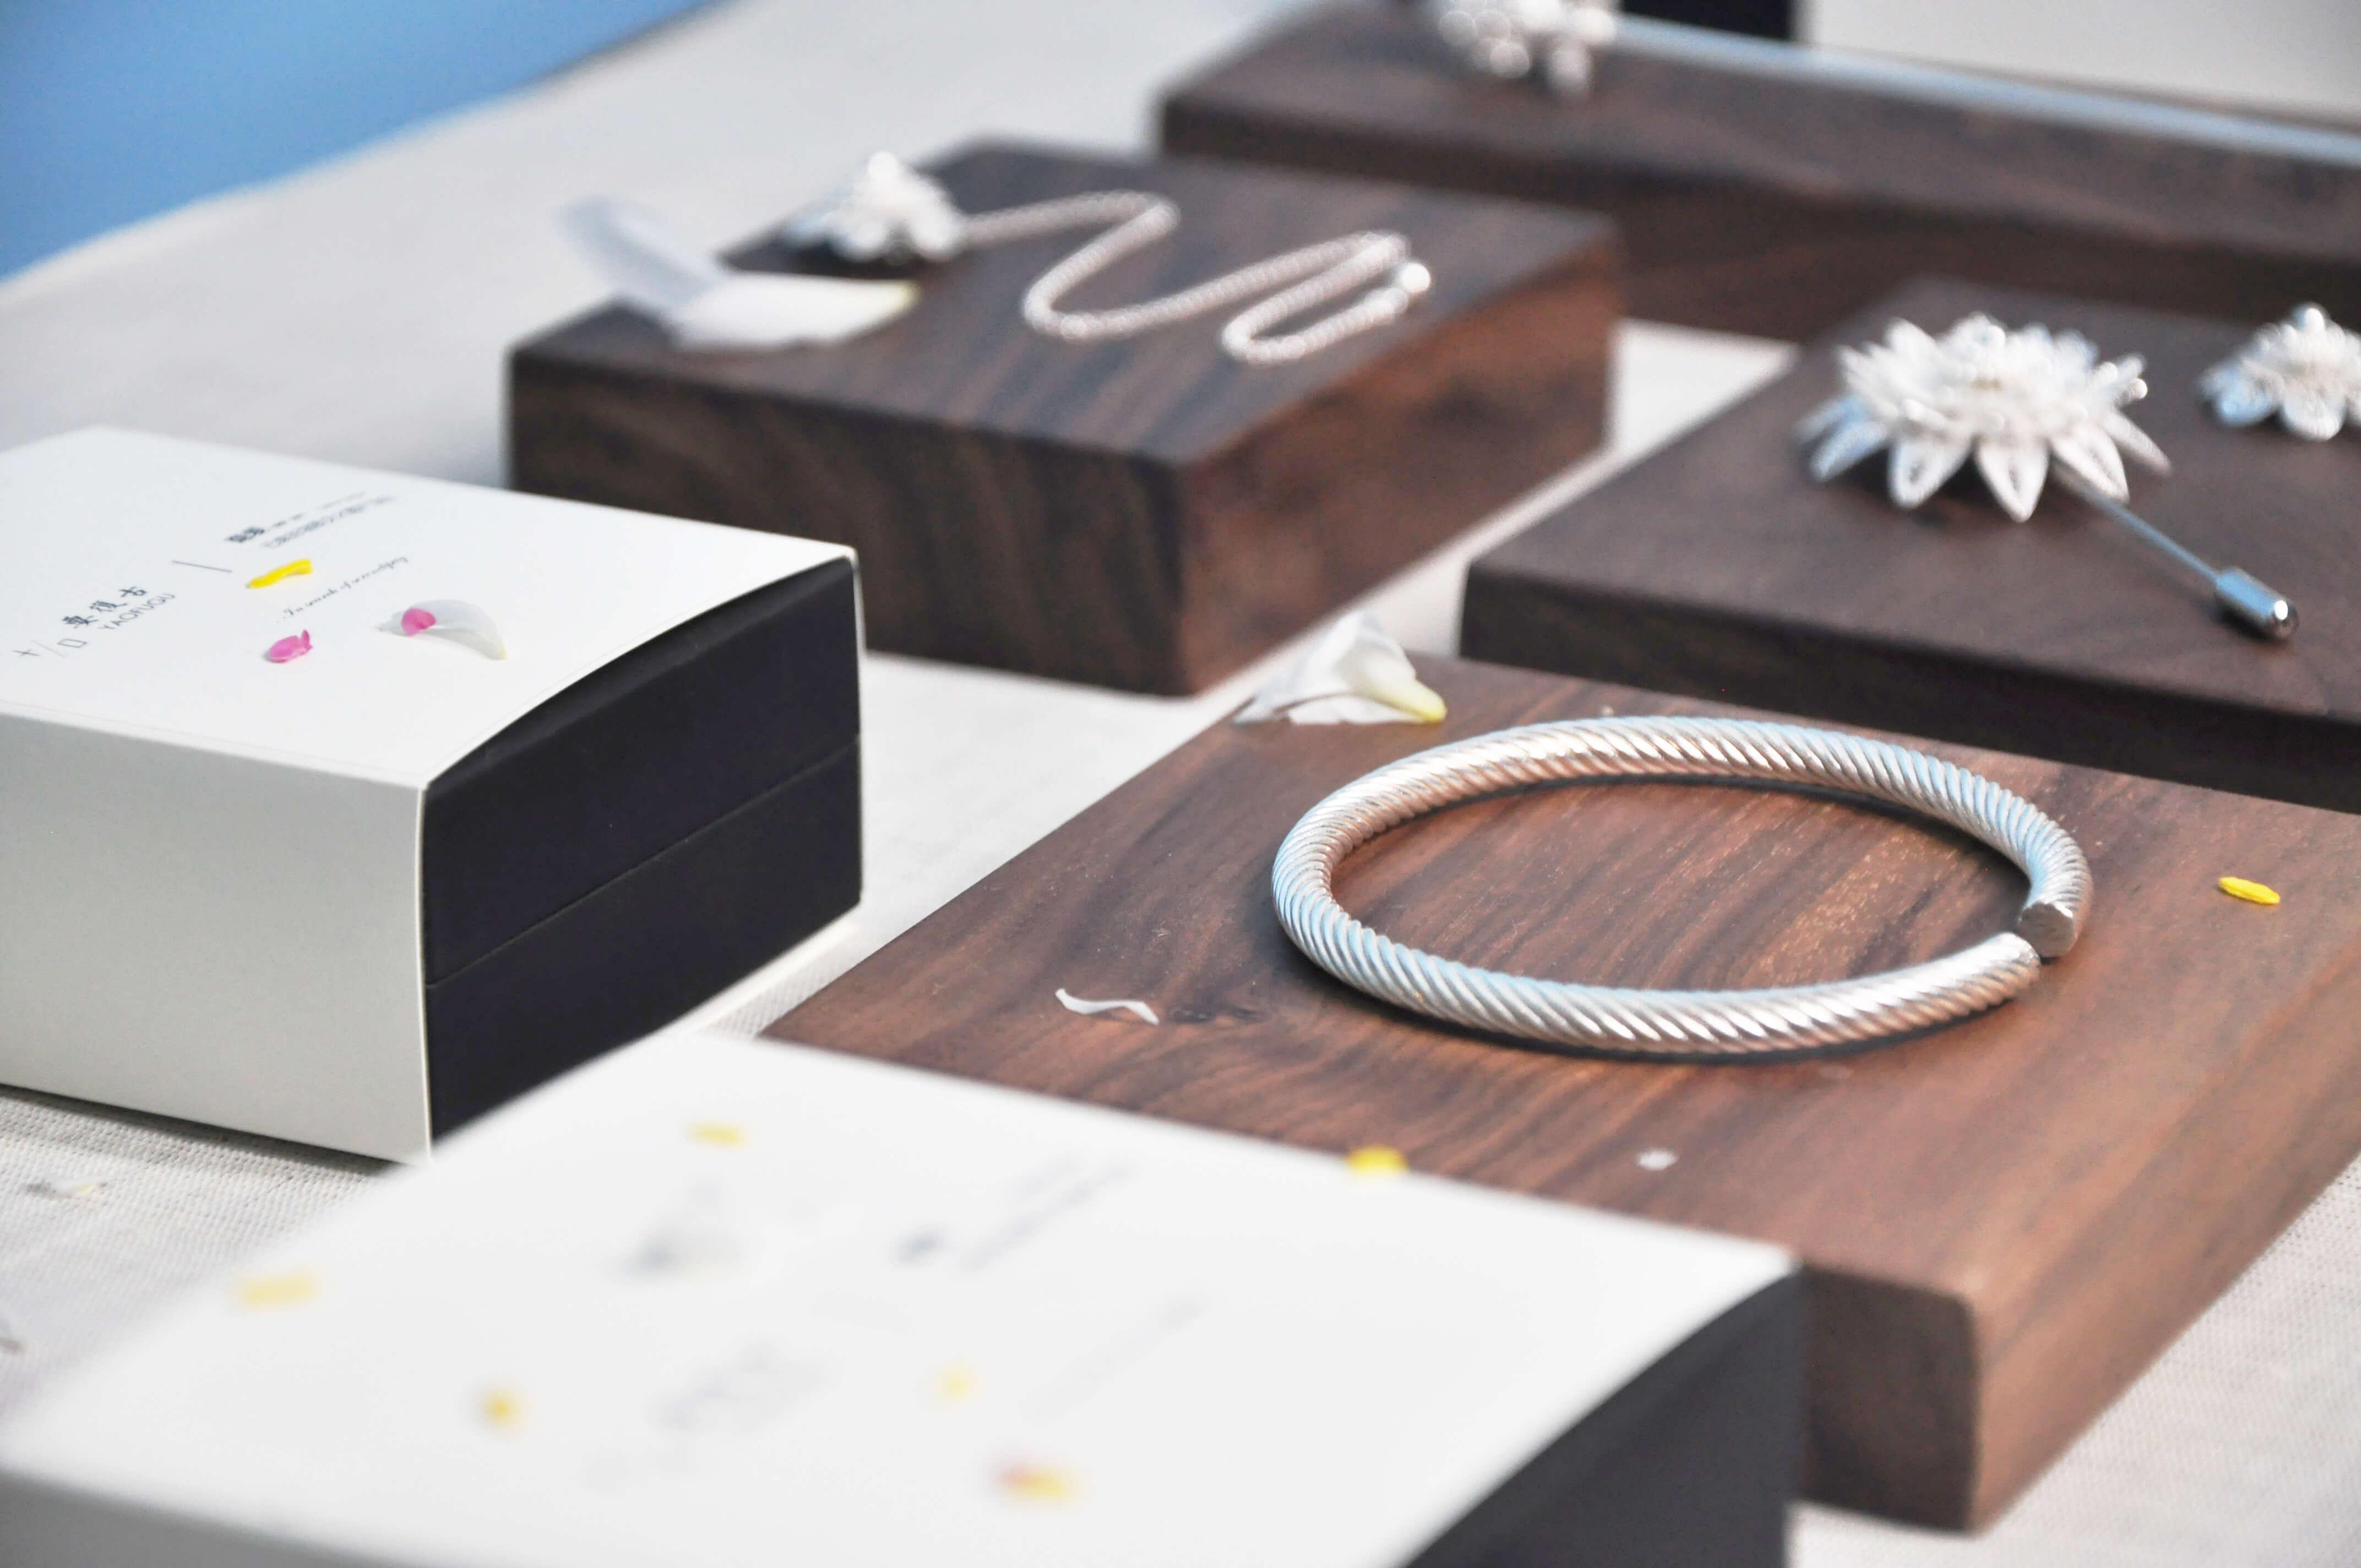 復古銀飾產品及包裝設計